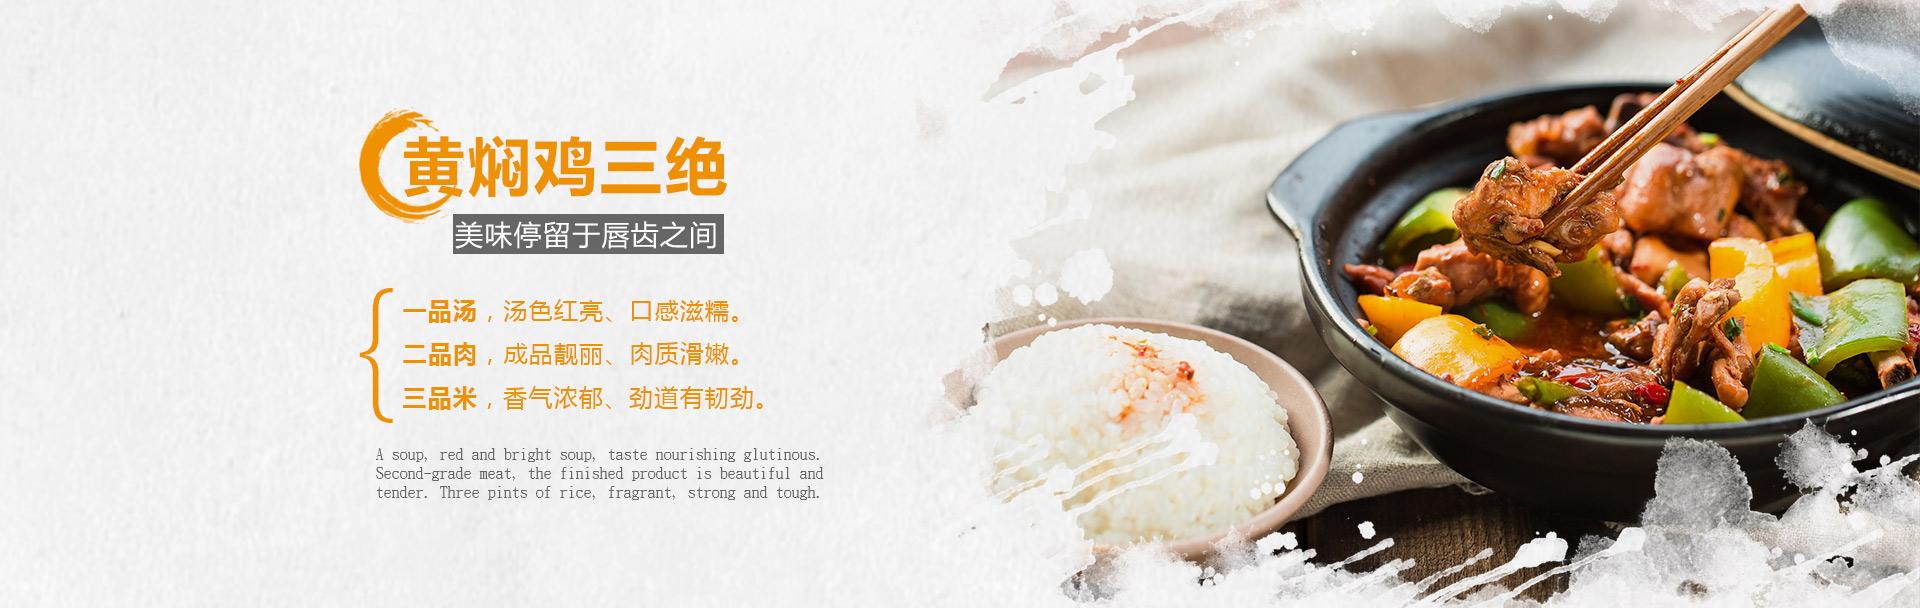 重庆正宗黄焖鸡米饭培训